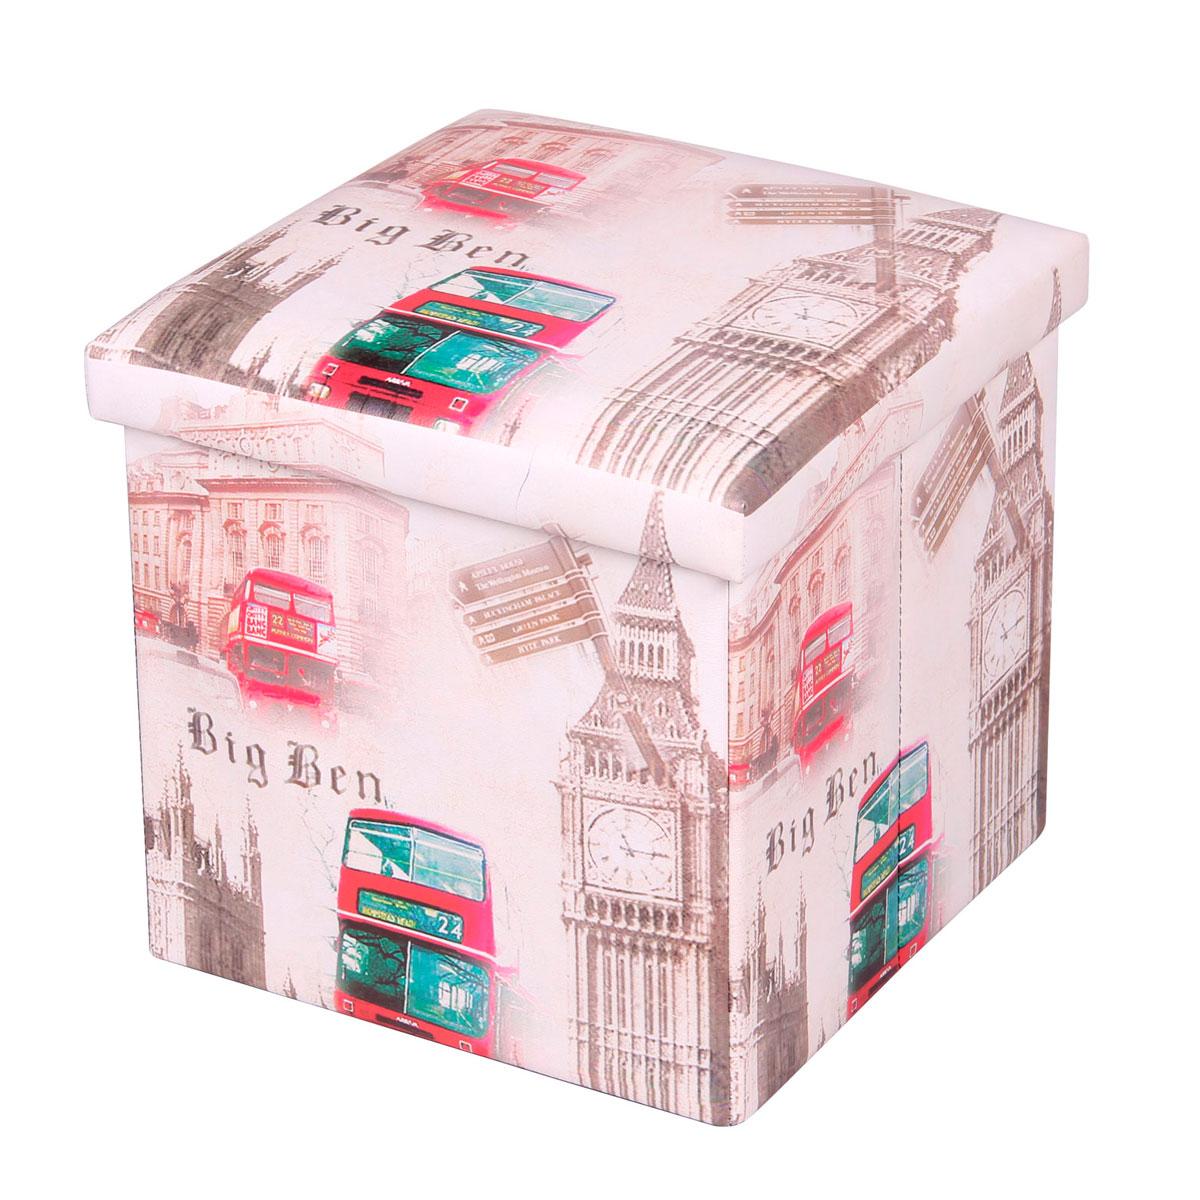 Пуф-короб для xранения Miolla, цвет: белый, красный, коричневый, 38 x 38 x 38 см. PSS-13PSS-13Пуф-короб Miolla создан, чтобы сделать хранение вещей не только удобным, но и стильным. Классический Лондон снаружи и внутри идеальное функциональное пространство для хранения необходимых мелочей и аксессуаров. Несмотря на внешне компактные размеры, пуф-короб очень вместителен и определенно станет незаменимой вещью в любом доме.Размер: 38 x 38 x 38 см.